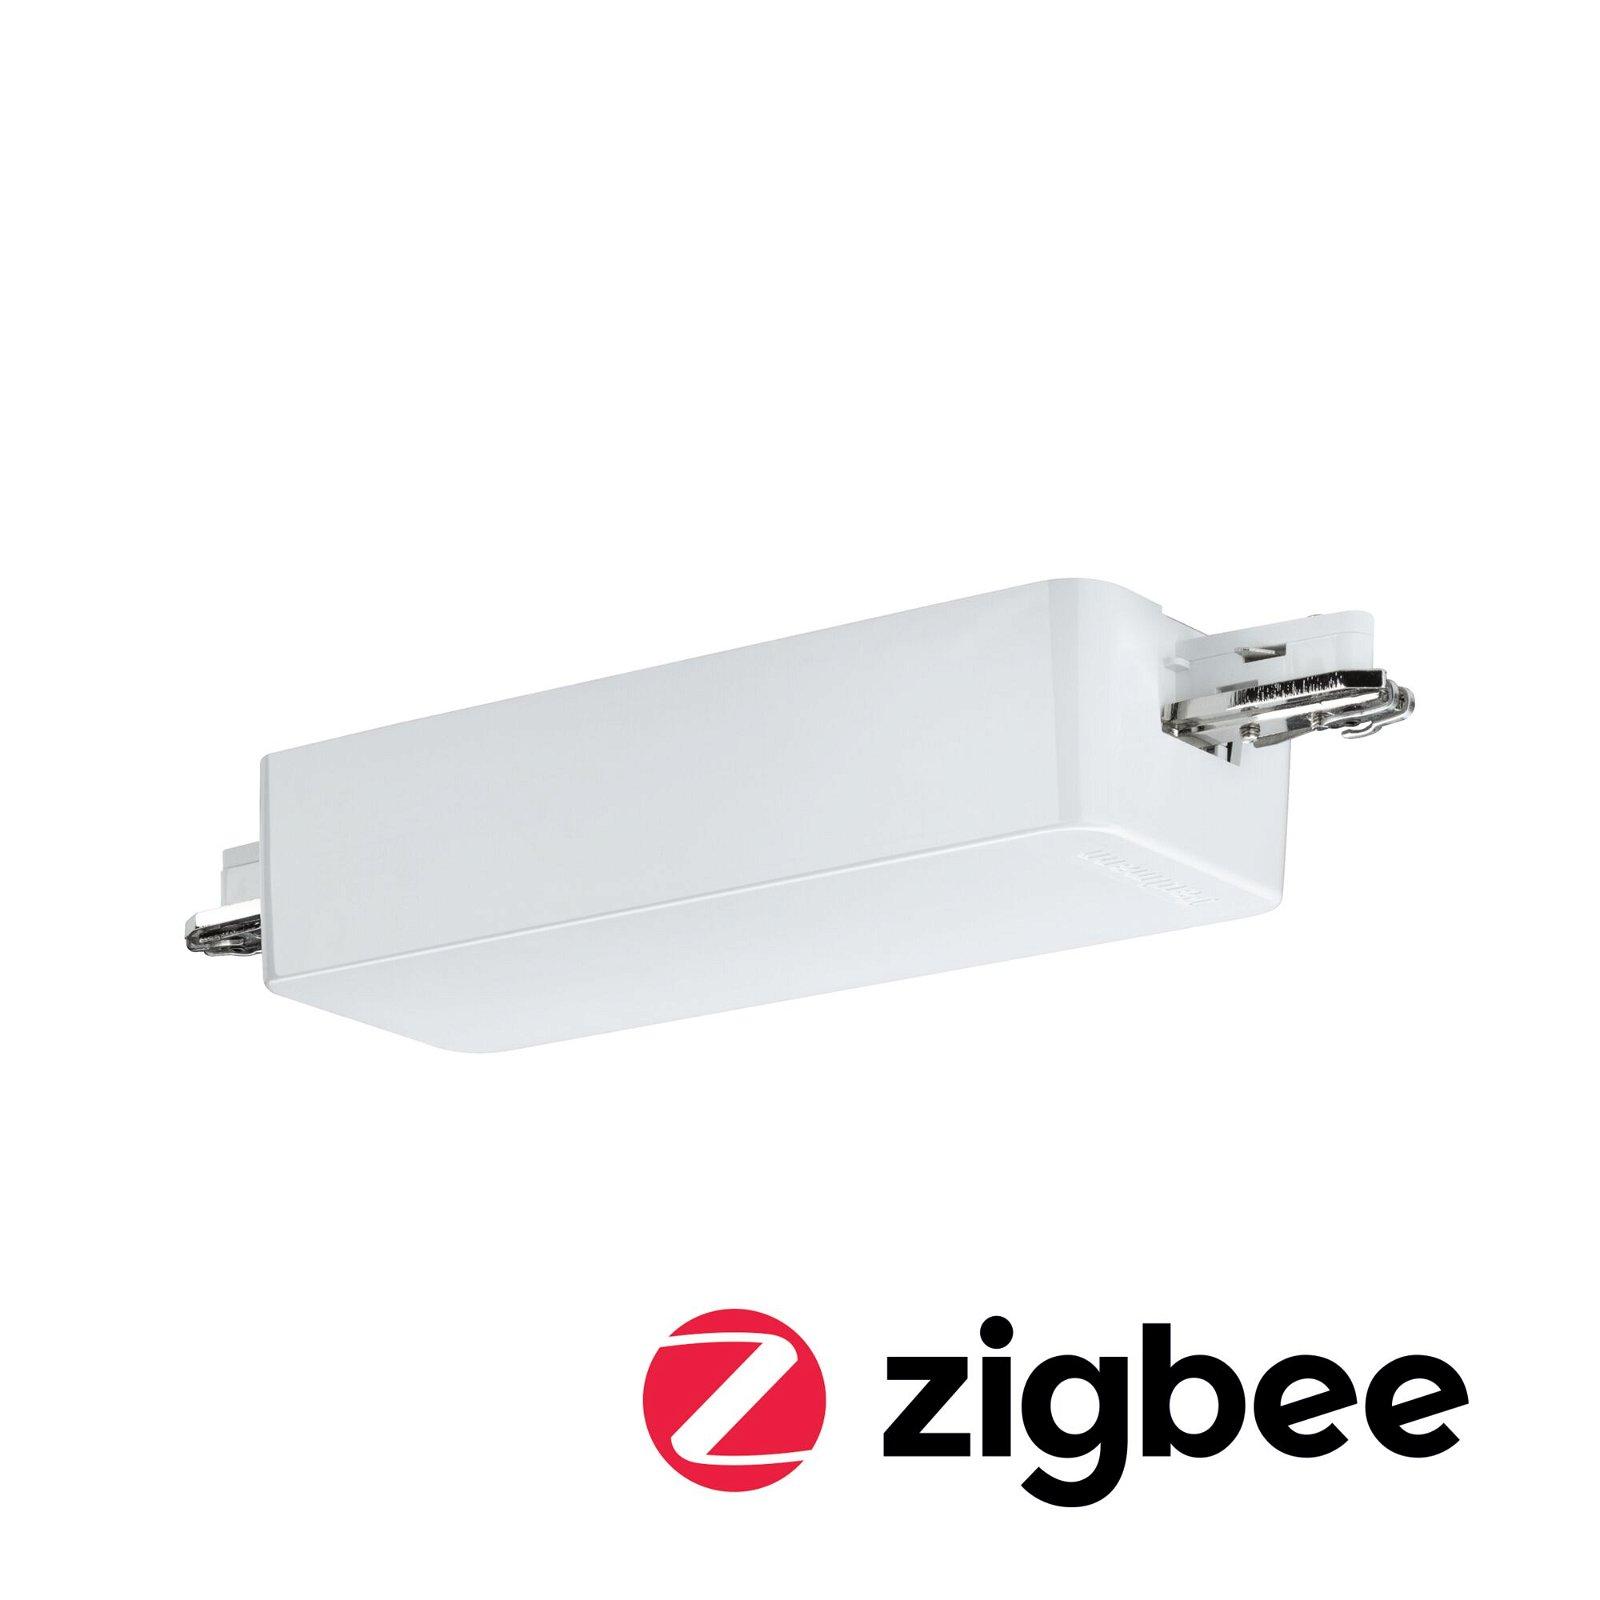 URail Schienenadapter Smart Home Zigbee Dimm/Switch 155x56mm Weiß